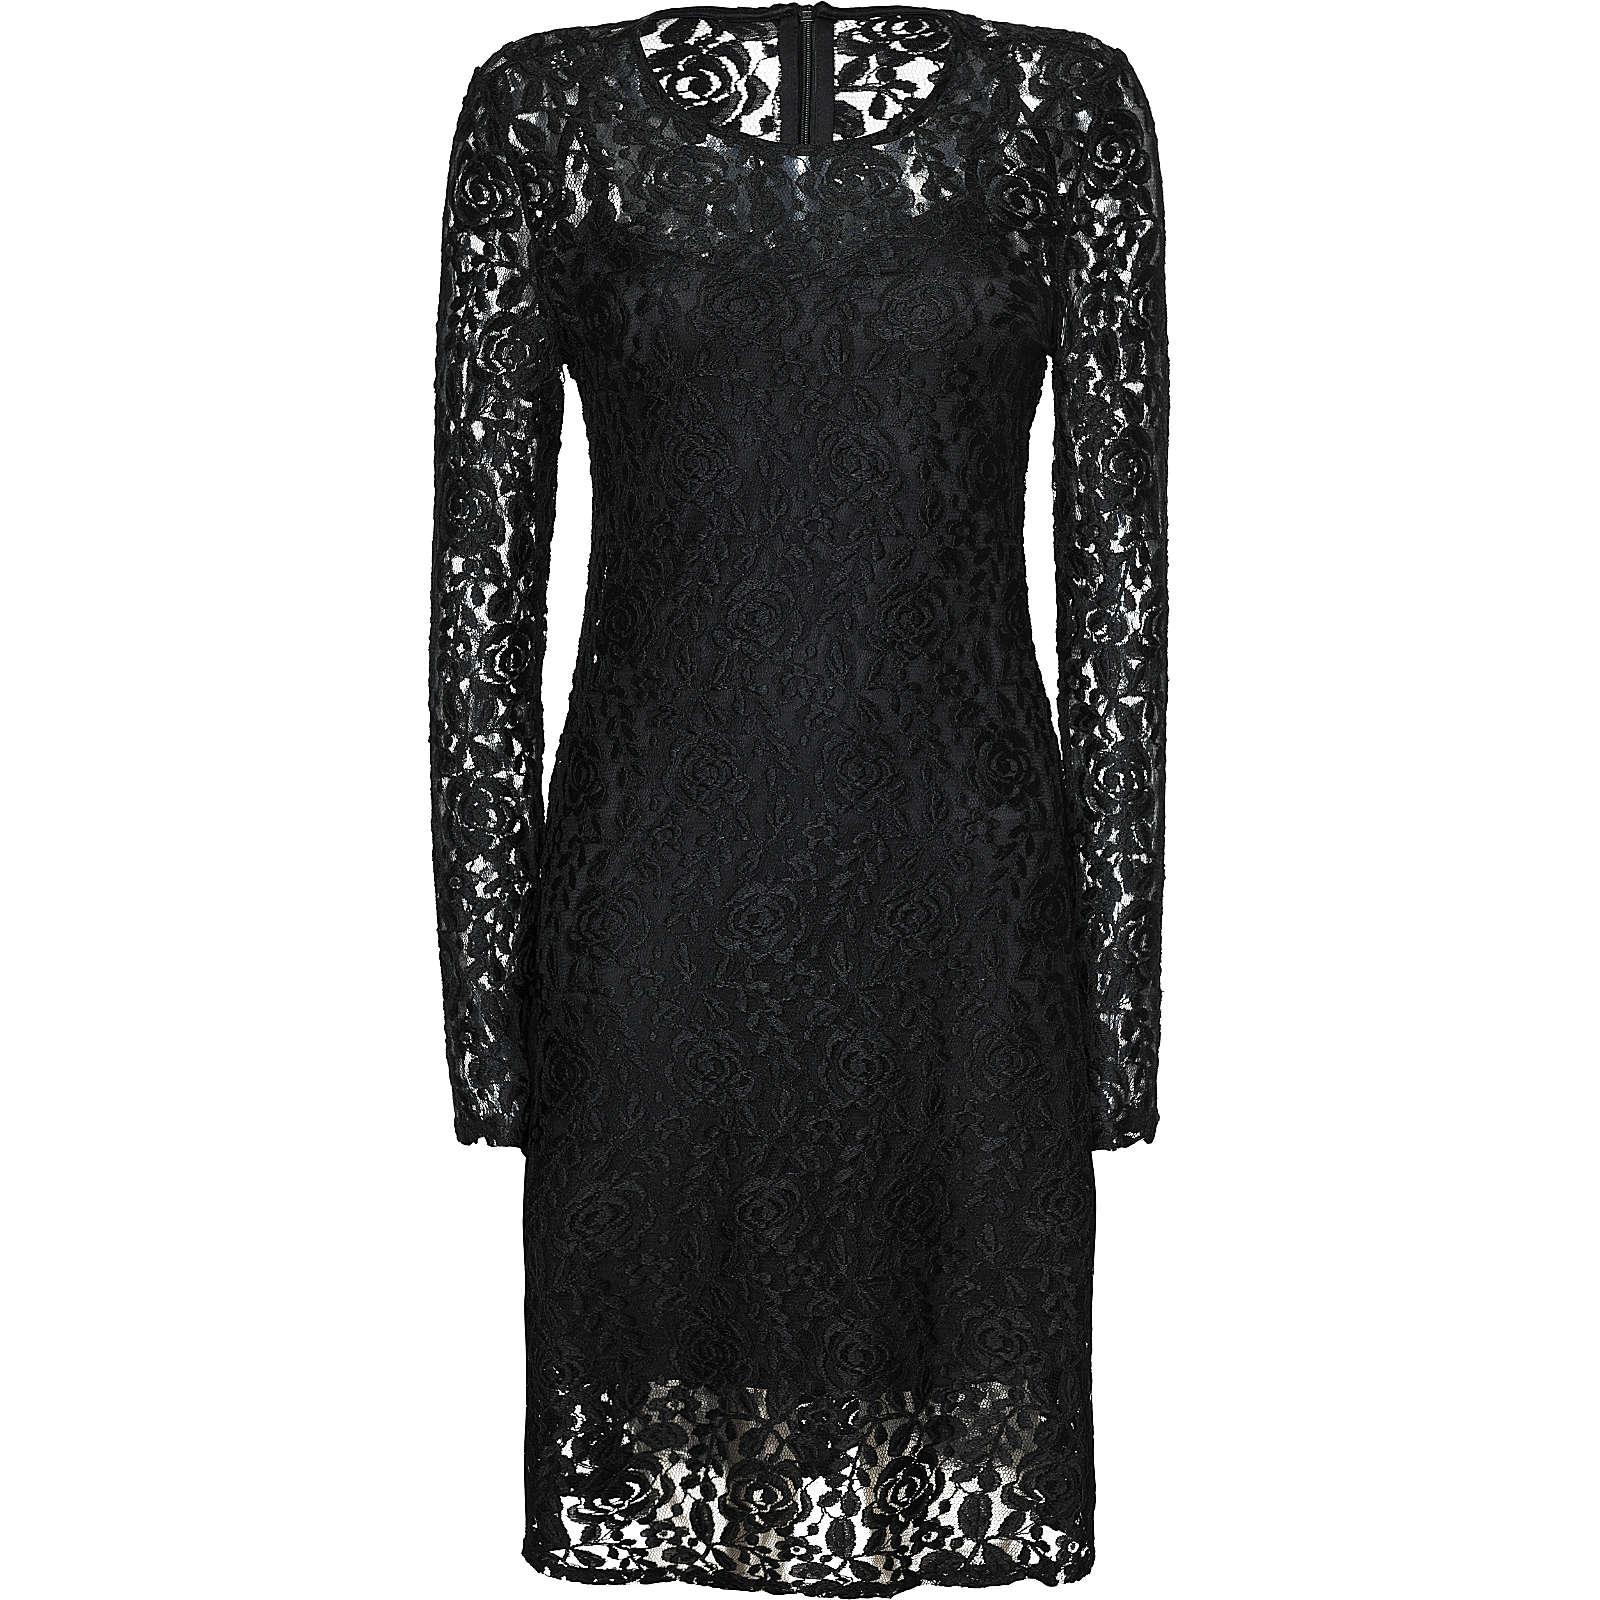 VERO MODA VMTAMMI LS ABK DRESS - Kleider* - weiblich schwarz Damen Gr. 40